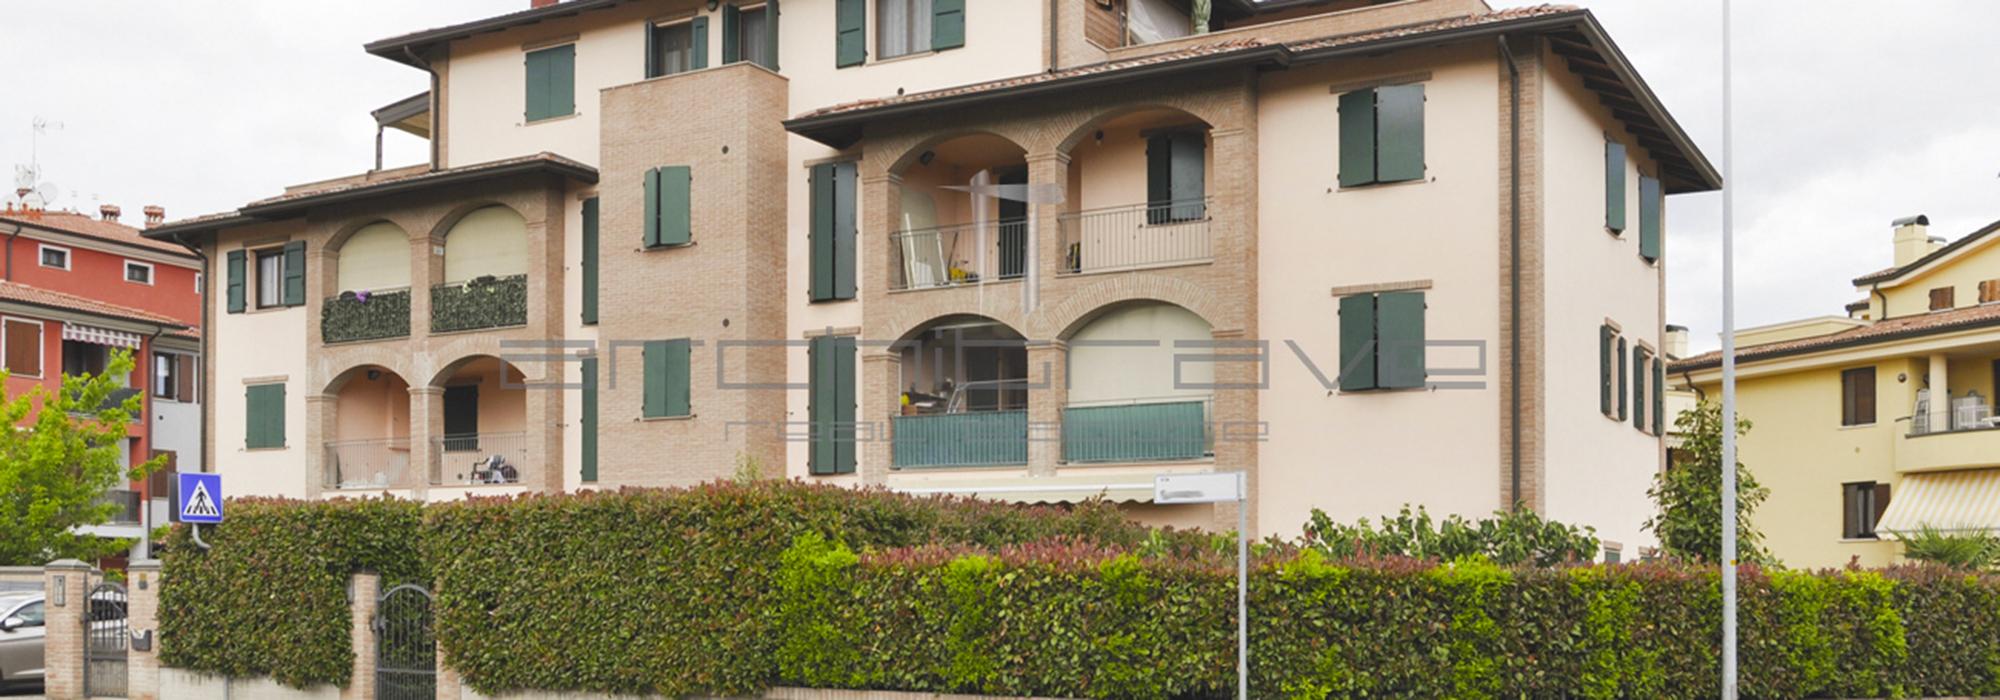 Appartamento a Formigine – Rif 619